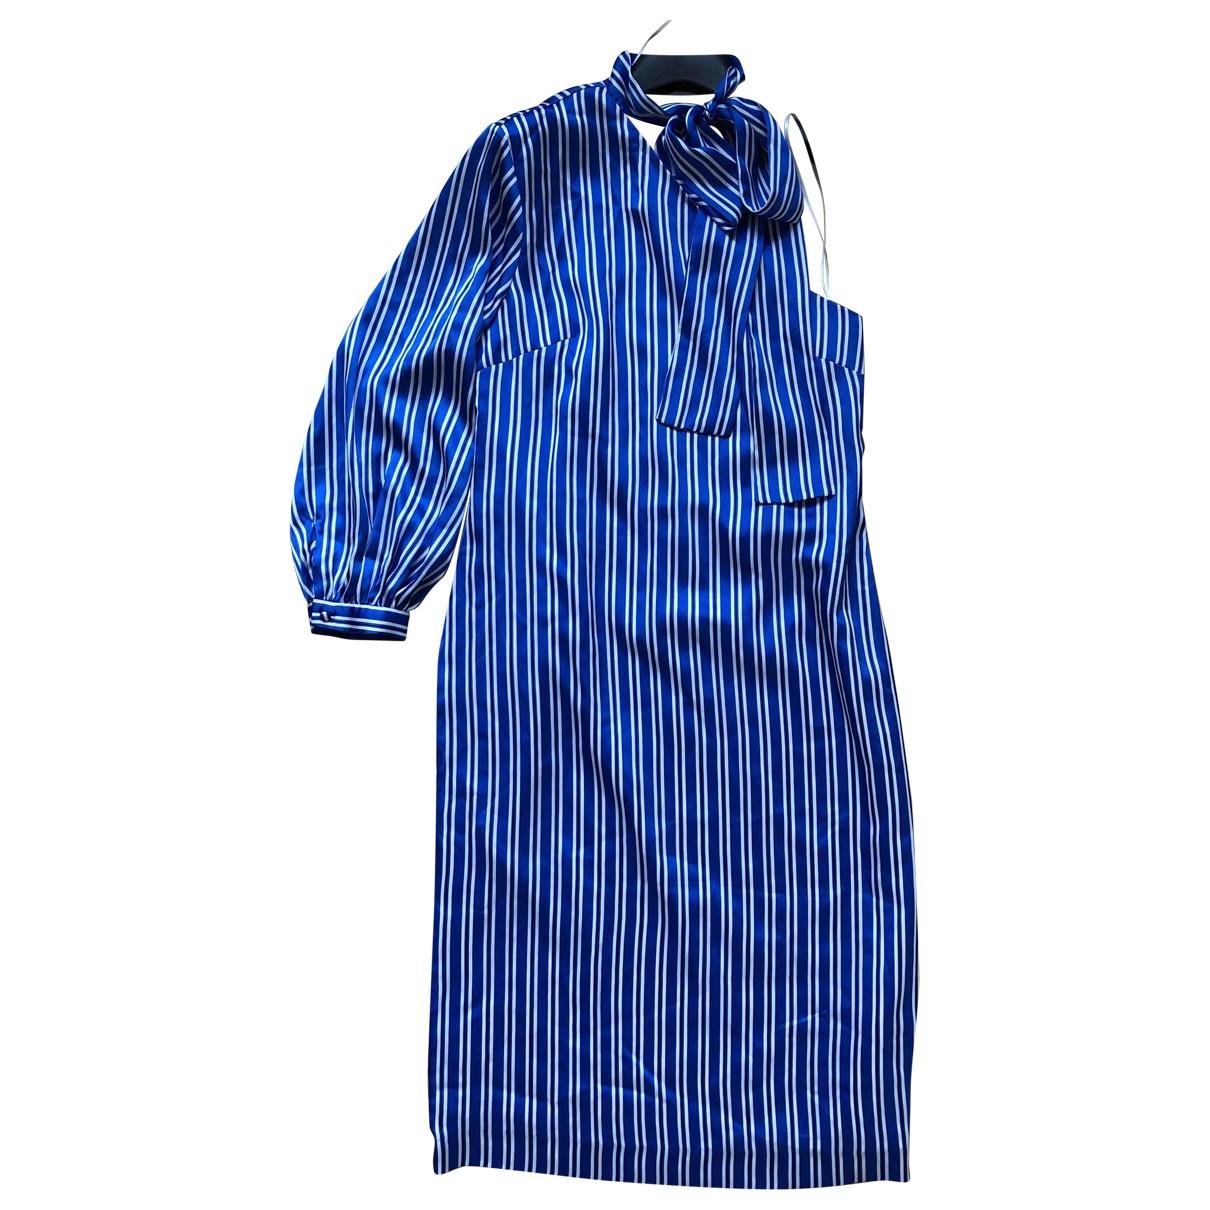 Banana Republic \N Kleid in  Blau Polyester